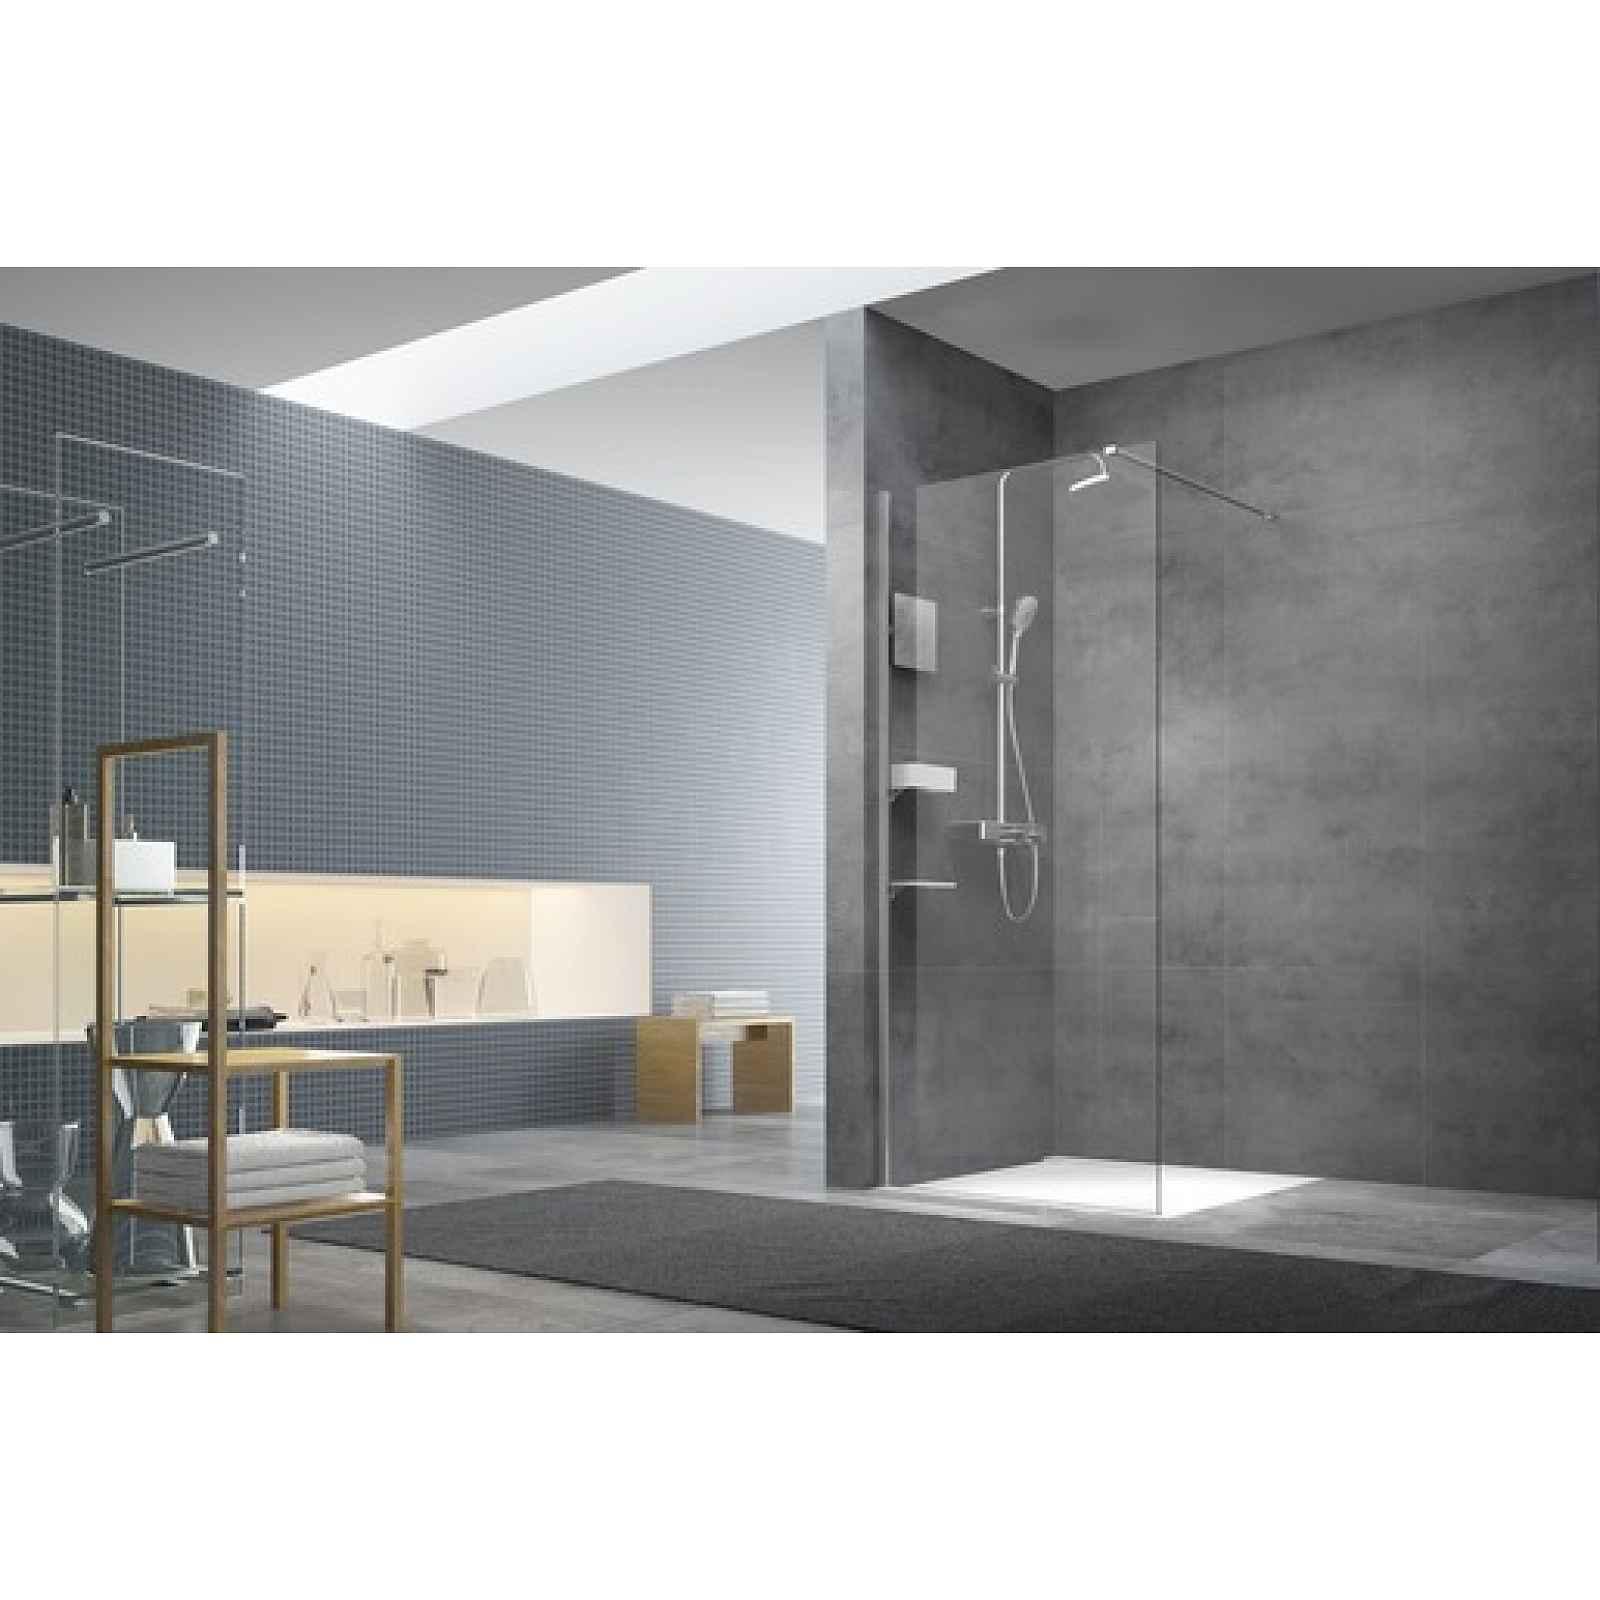 Sprchová zástěna walk-in Walk-In / dveře 110 cm s profilem, zavětrováním a dopňky Swiss Aqua Technologies Walk-in SATBWI110PRDOPL